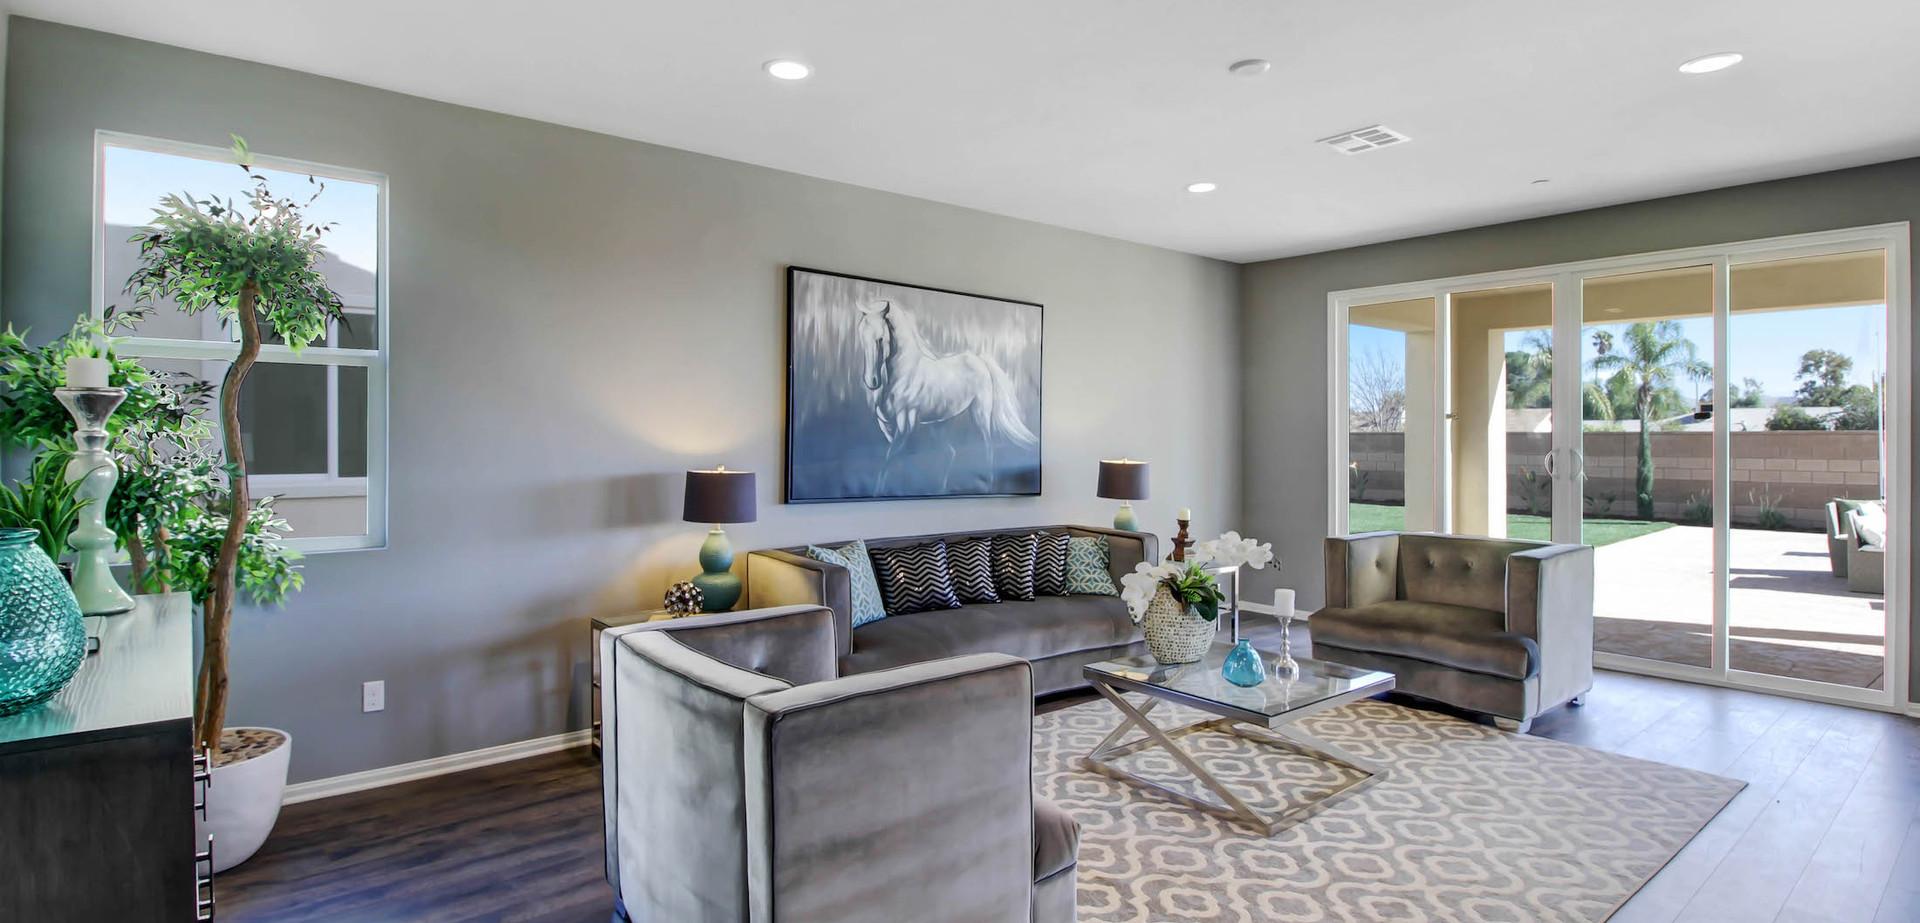 model-1 livingroom-5 2200x1500.jpg